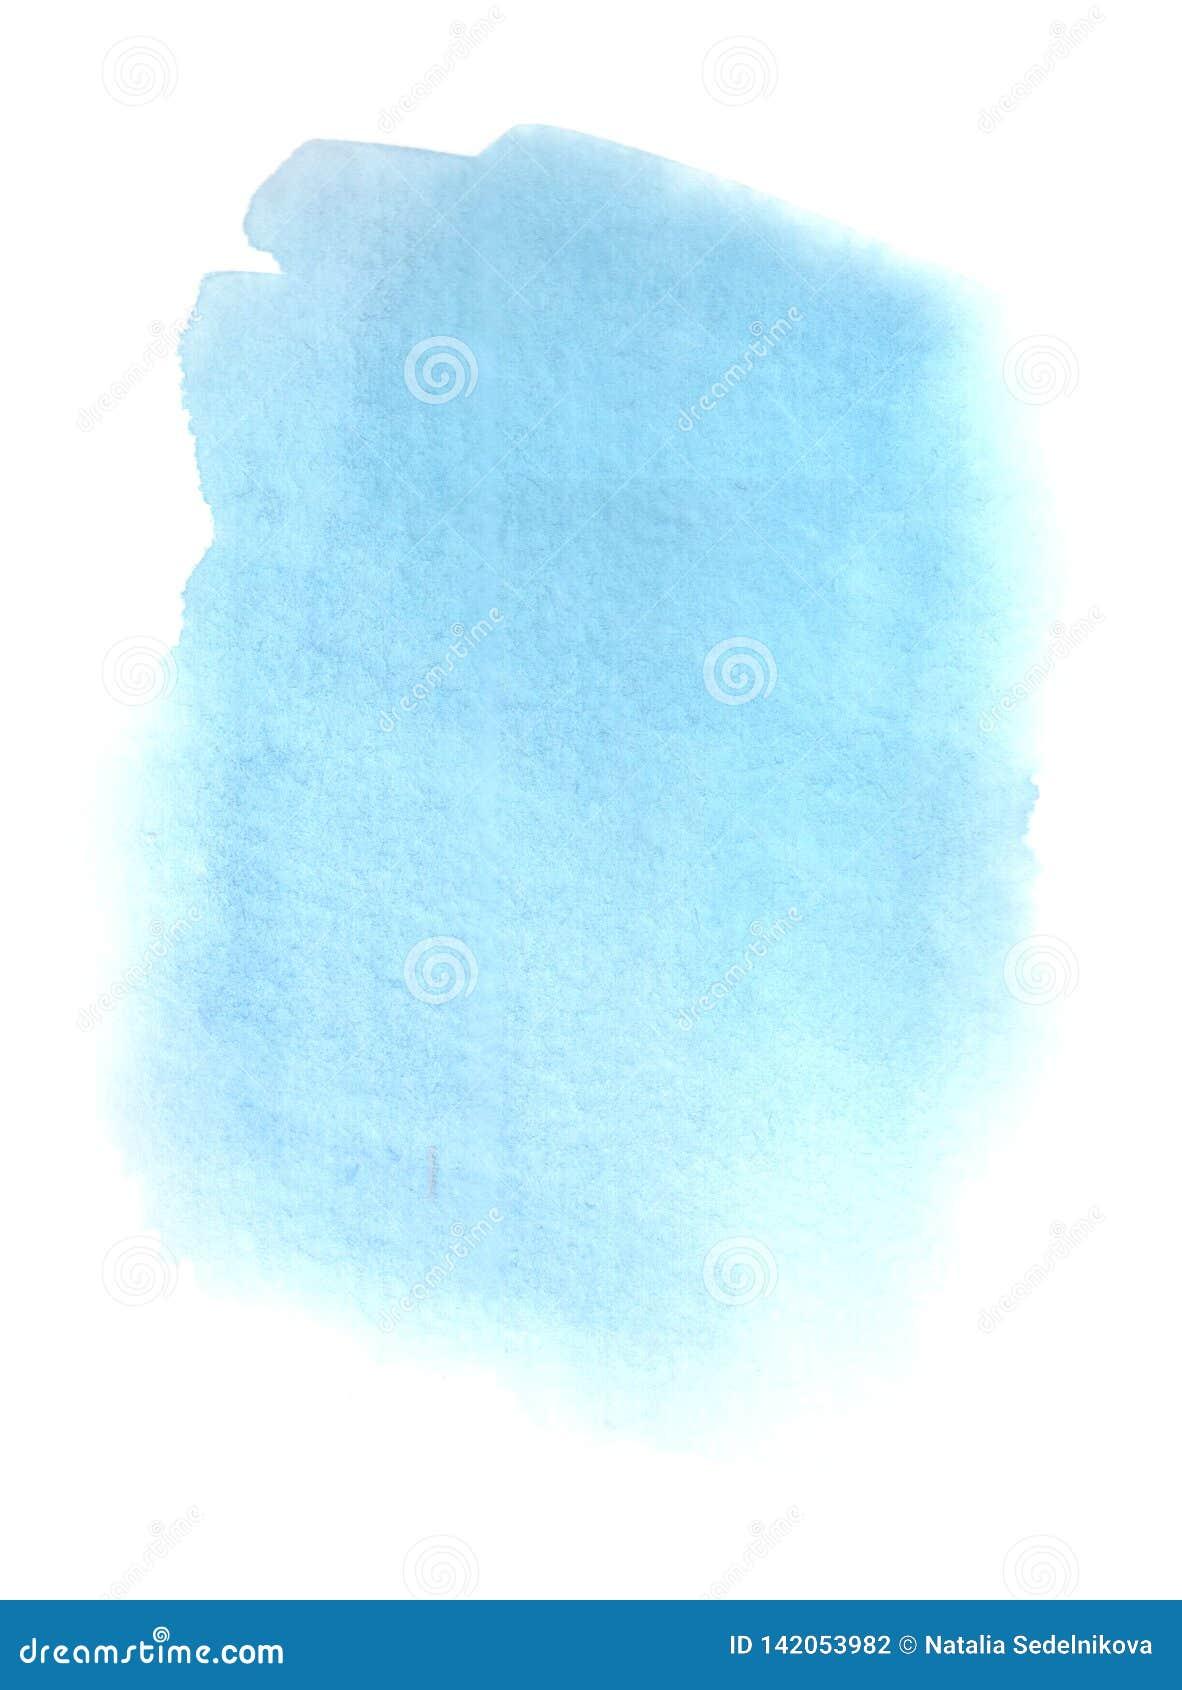 De achtergrond is lichtblauw